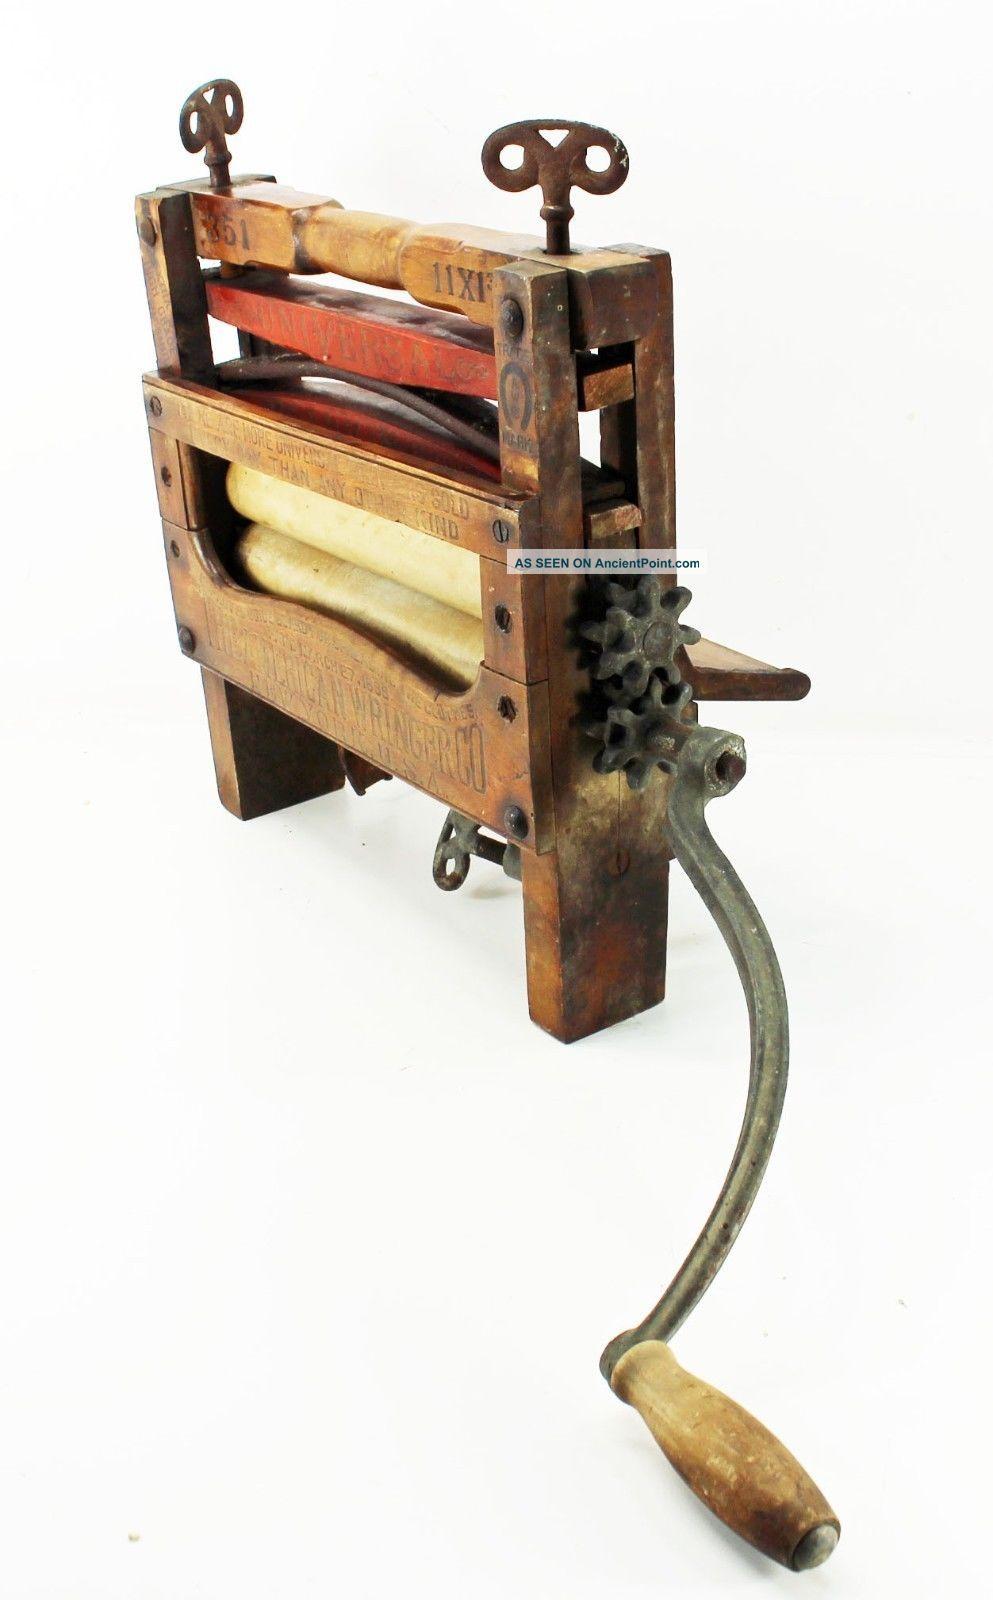 Antique American Wringer Co Hand Crank Clothing Wringer 351 Keystone 1888 Ny Clothing Wringers photo